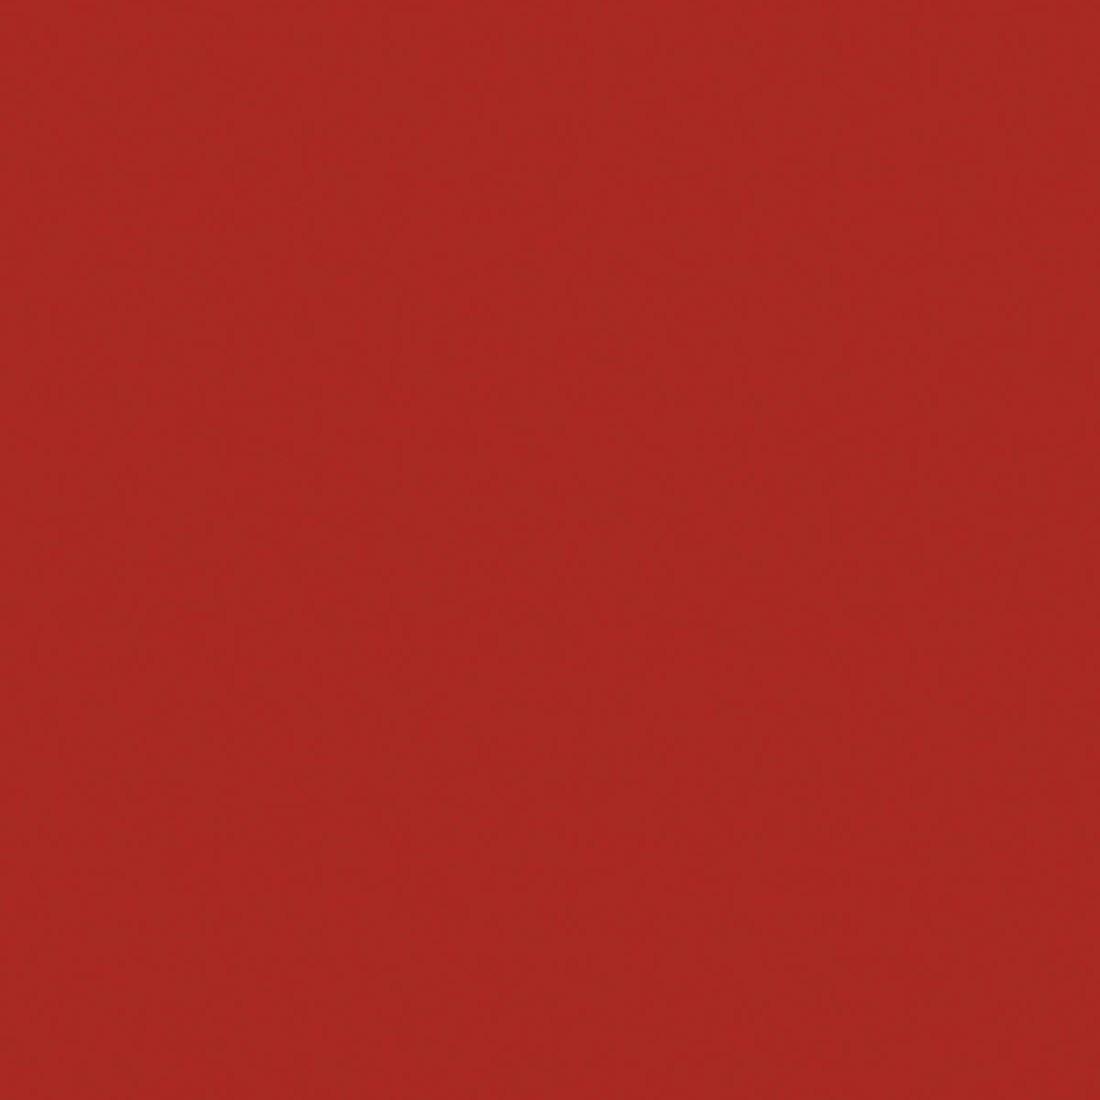 Chilli červená